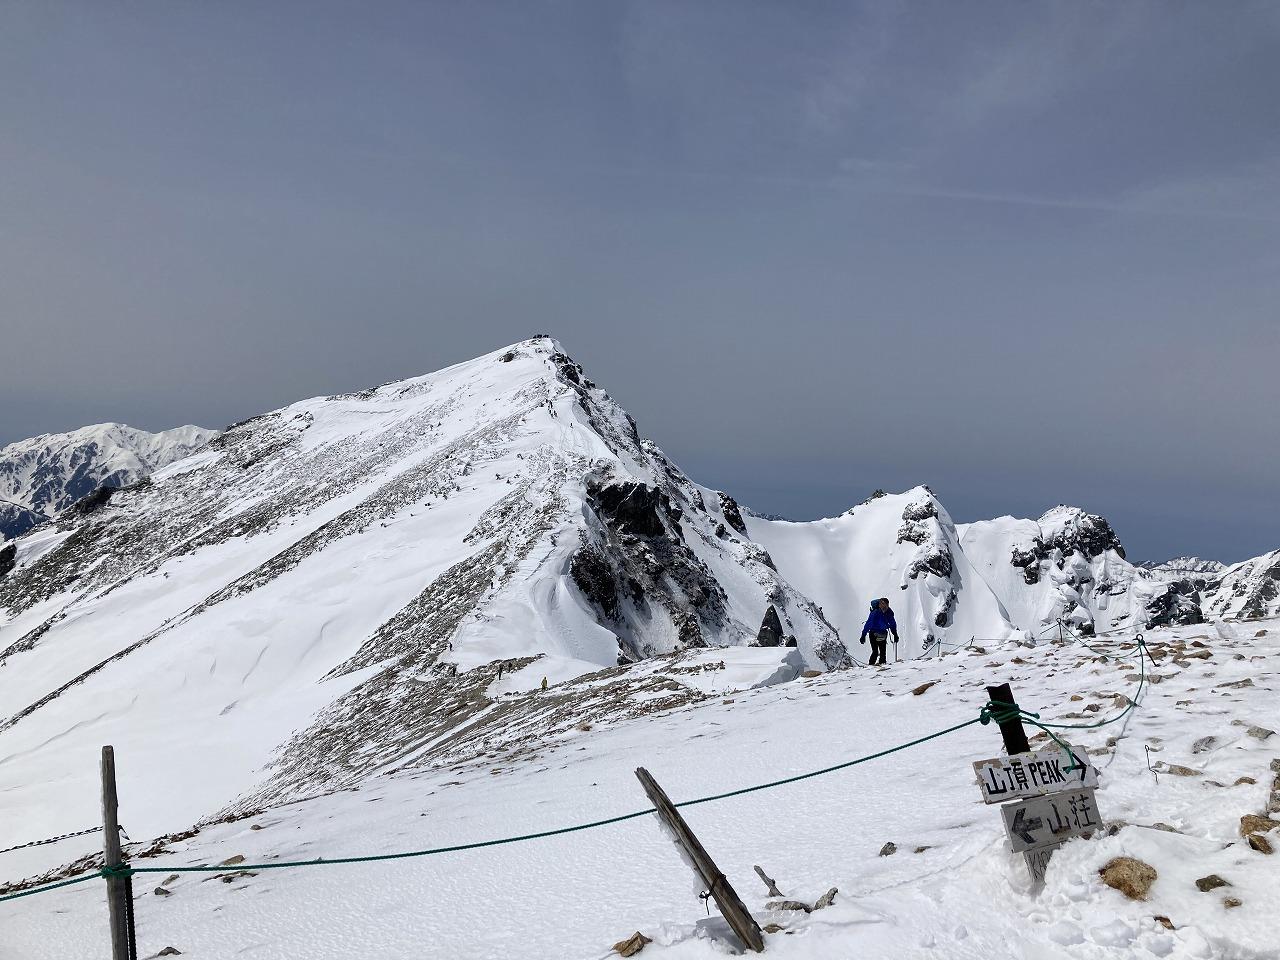 唐松岳山頂はあんな遠い・・・